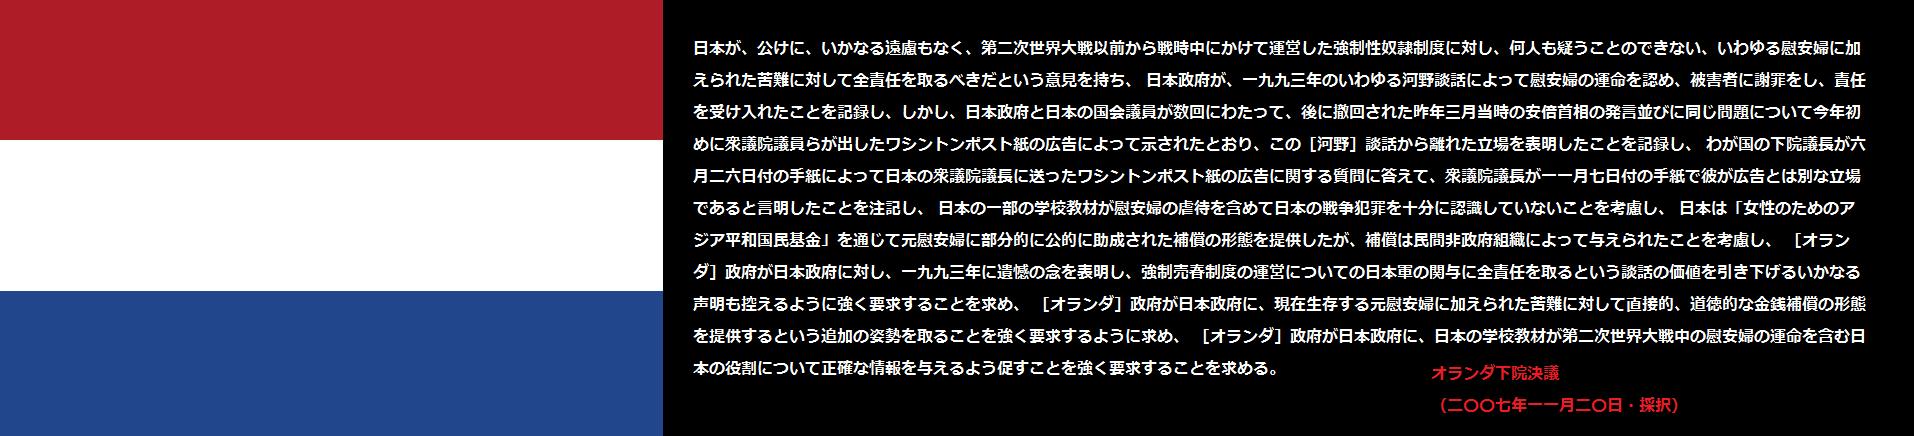 f:id:JAPbuster:20170107173600p:plain